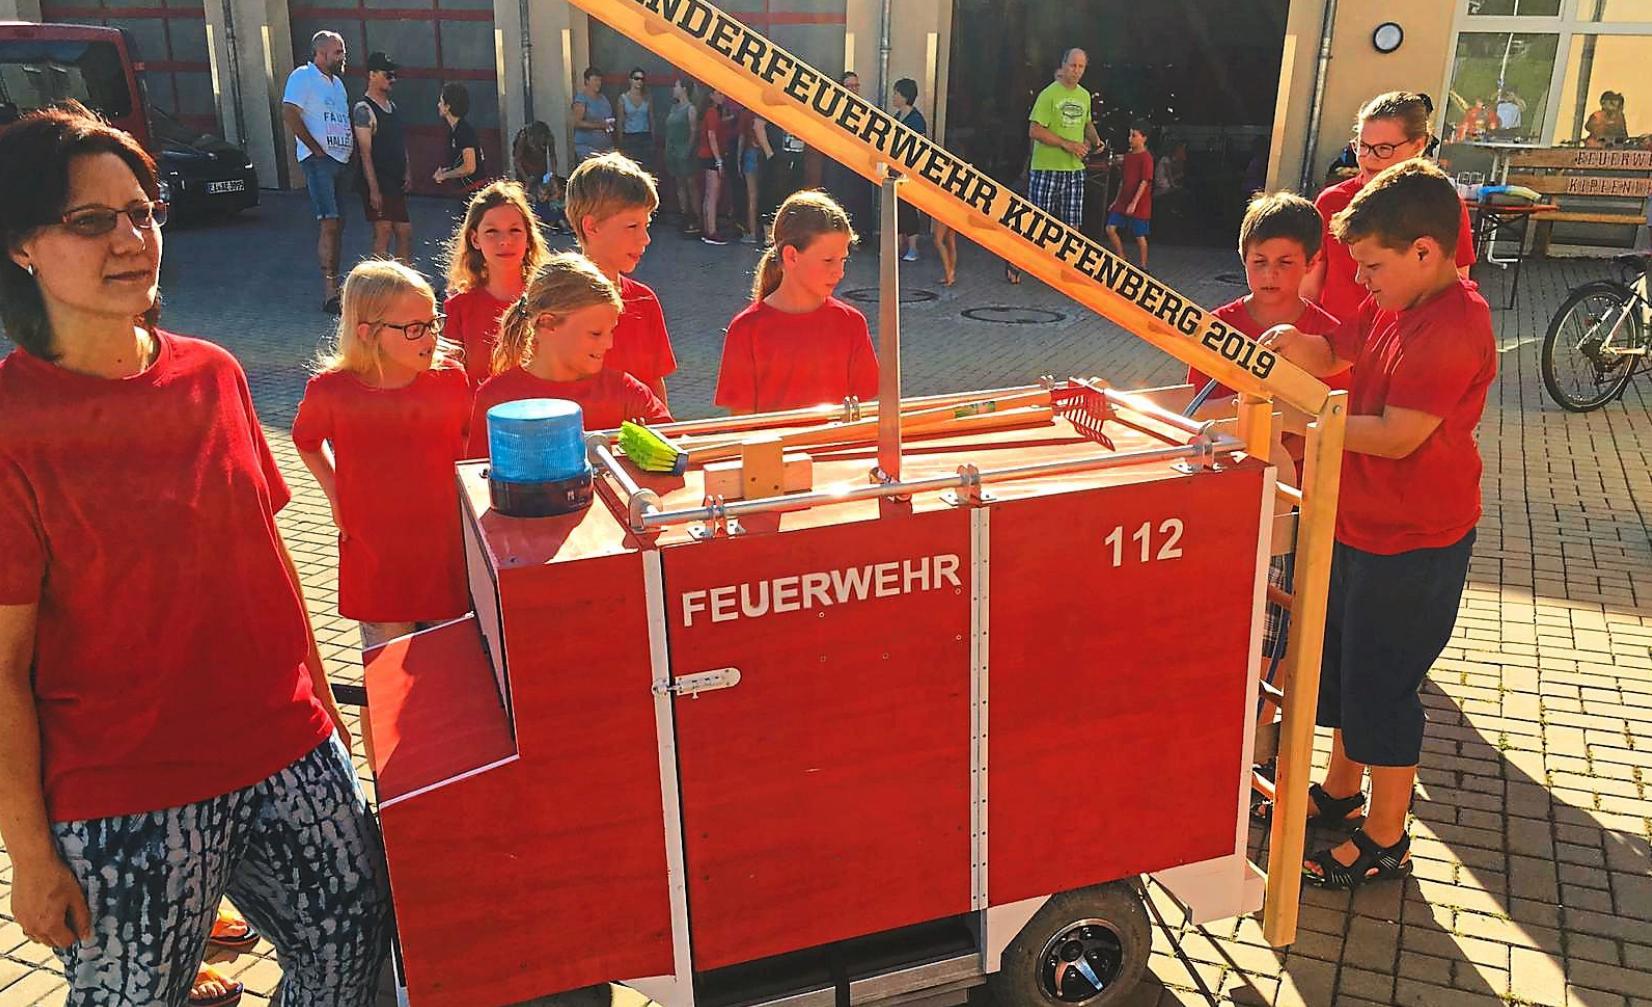 Lange haben die Kinder der Feuerwehr im Geheimen an ihrem Auto gearbeitet – am Sonntag sind sie beim Festumzug mit dabei. Foto: FFW